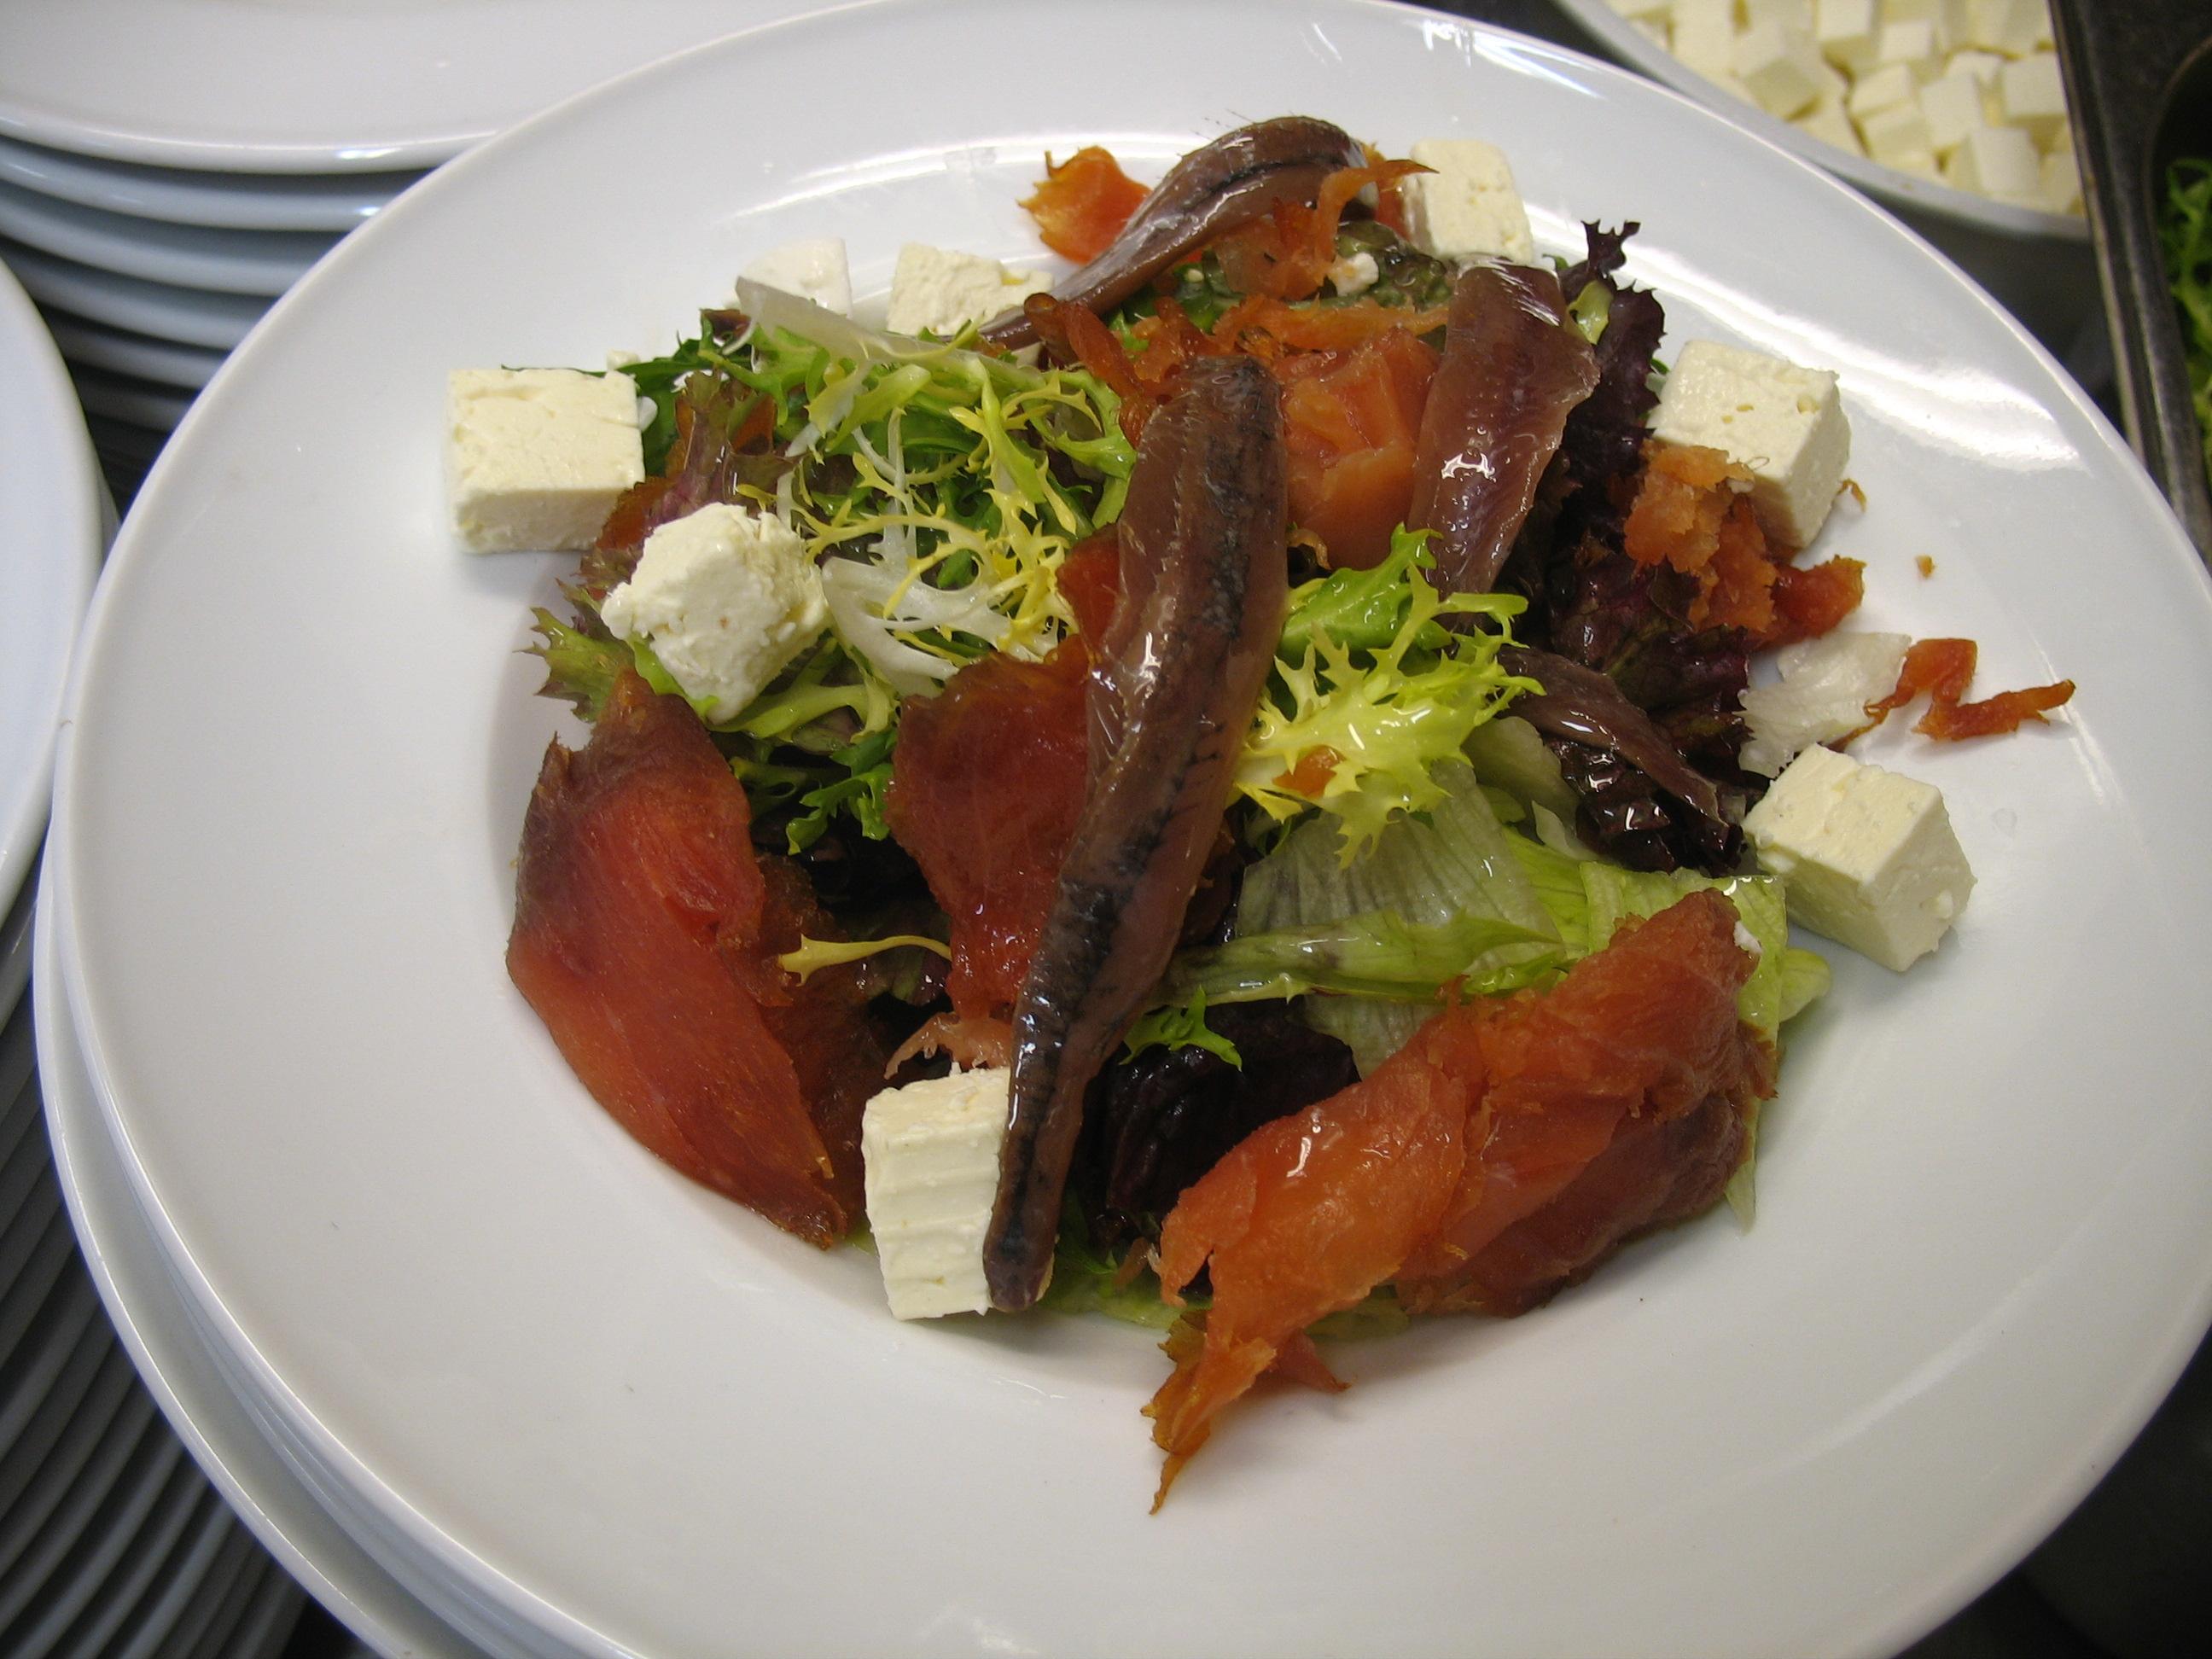 Recetas fáciles para sorprender: Ensalada de salmón ahumado...